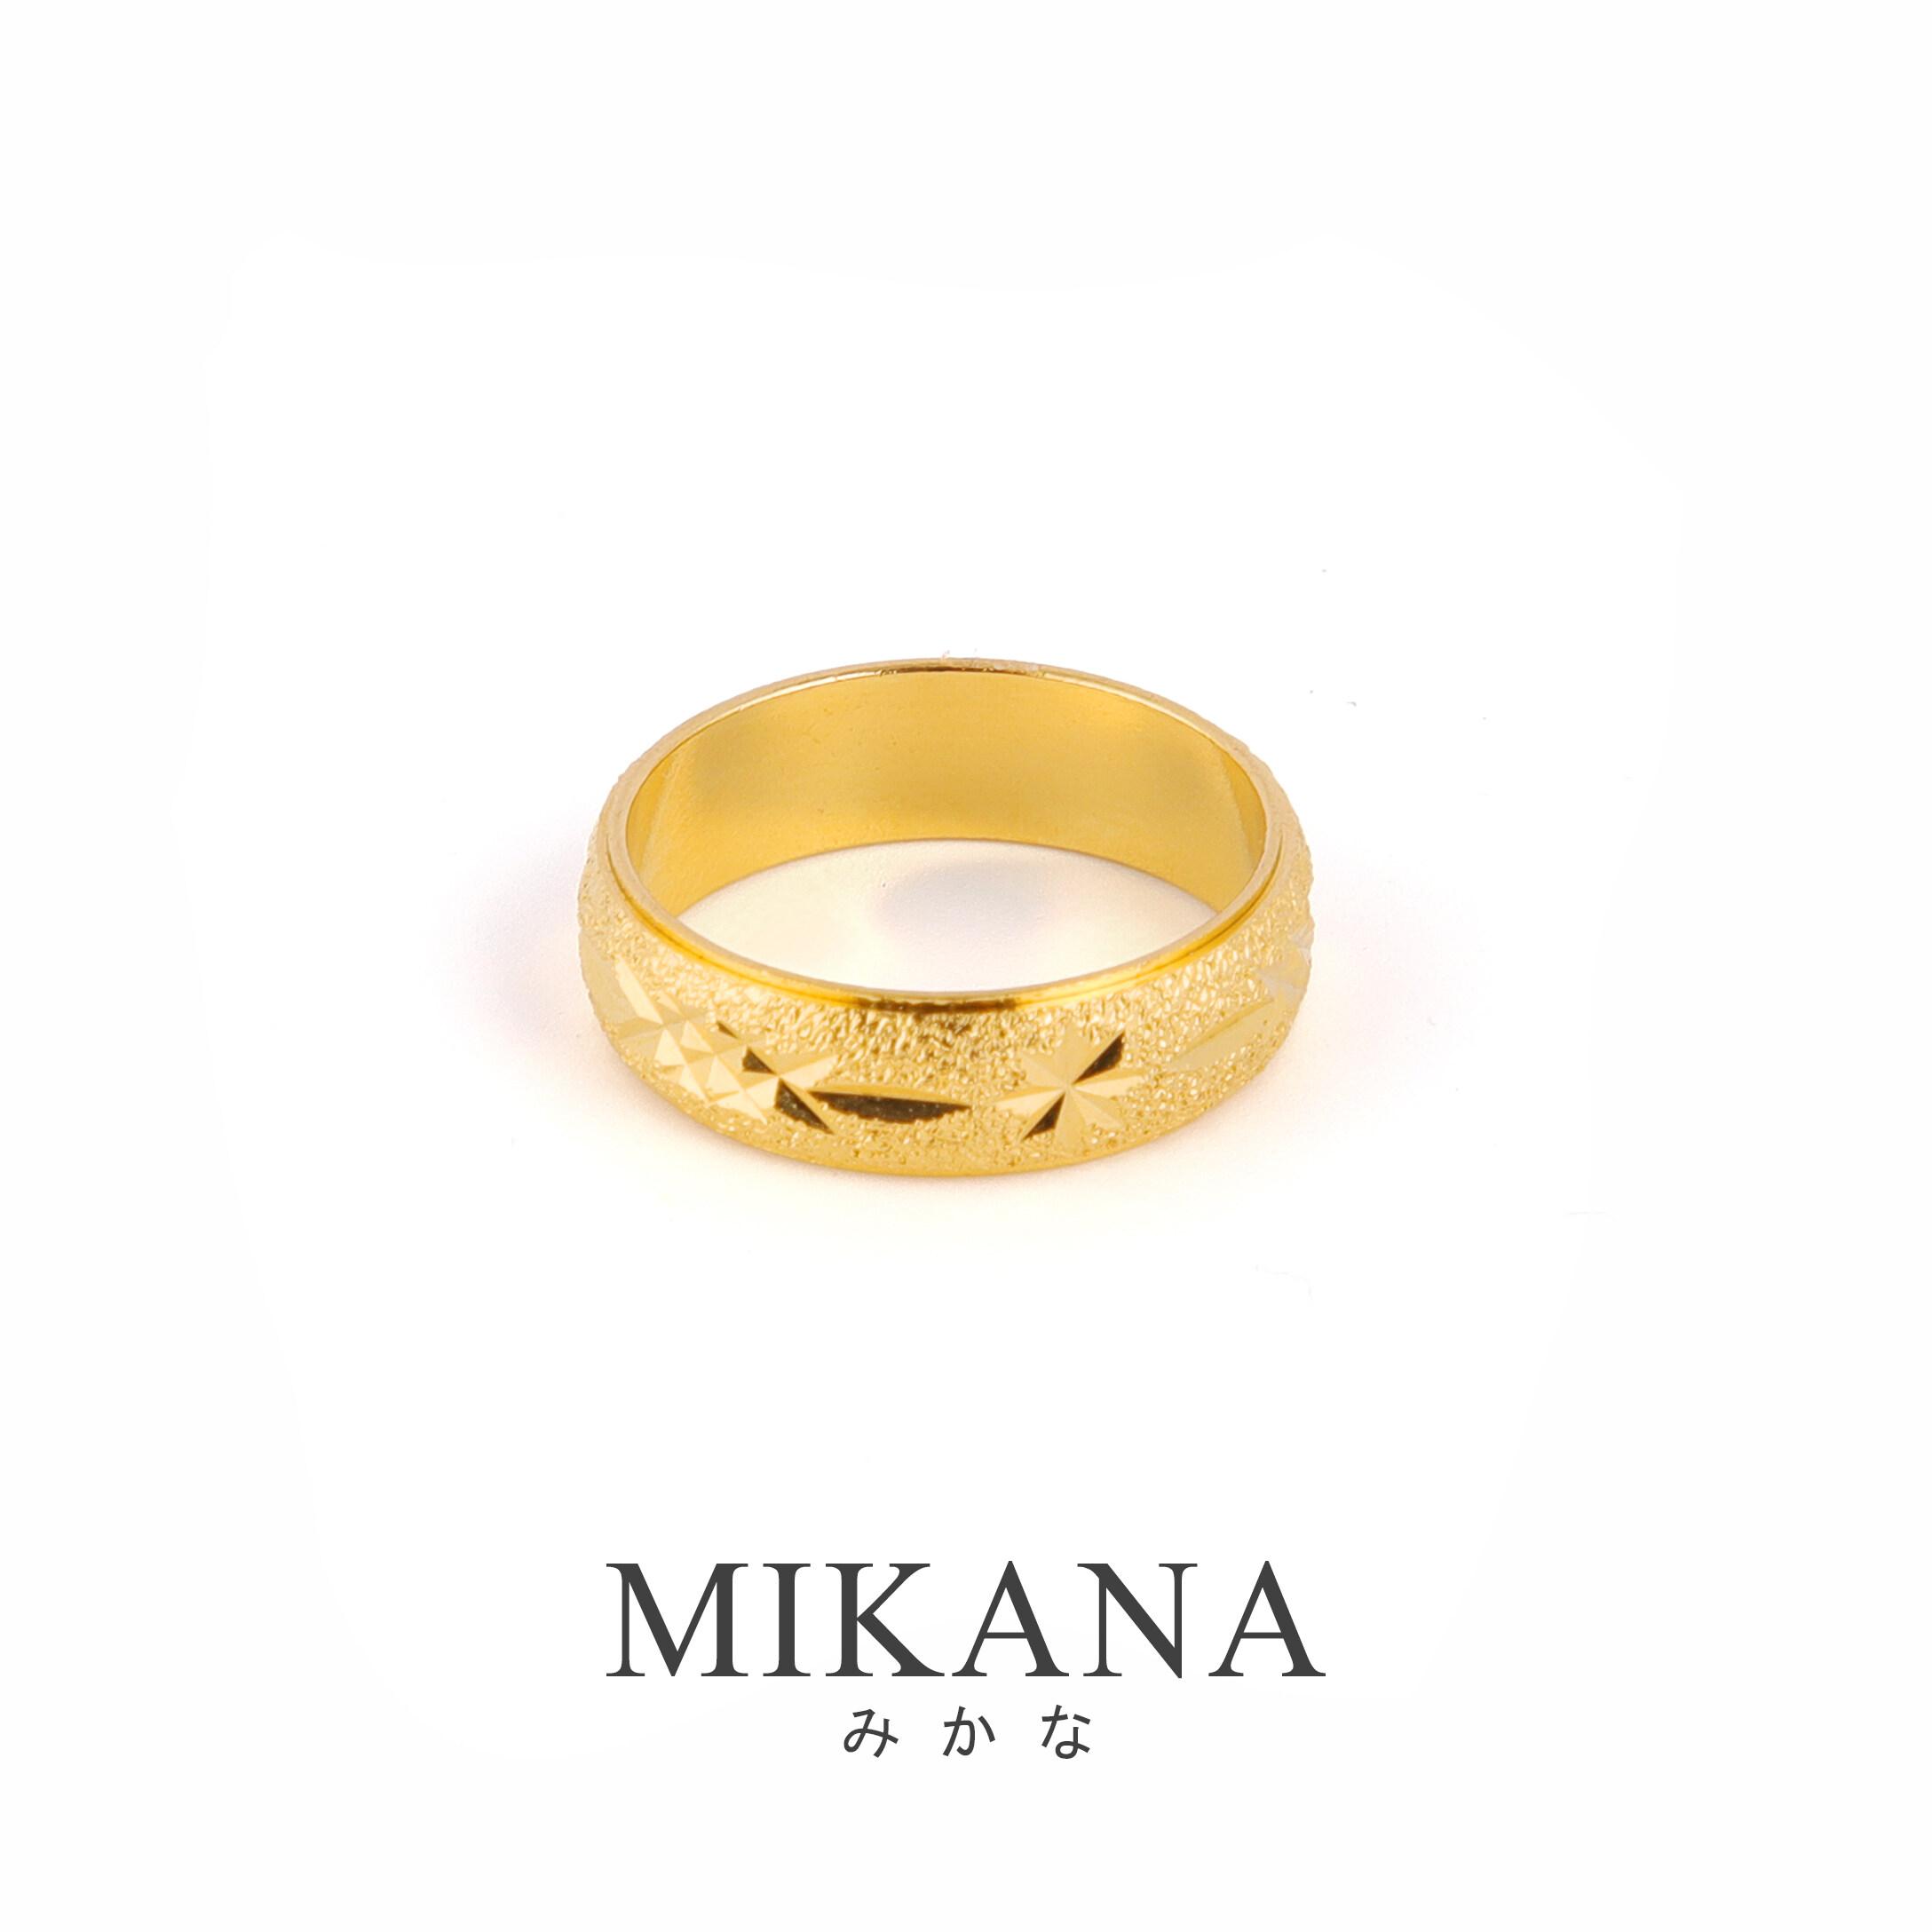 mikana แหวนทอง 18K สำหรับผู้หญิง แหวนสไตล์ตะวันตก 517r